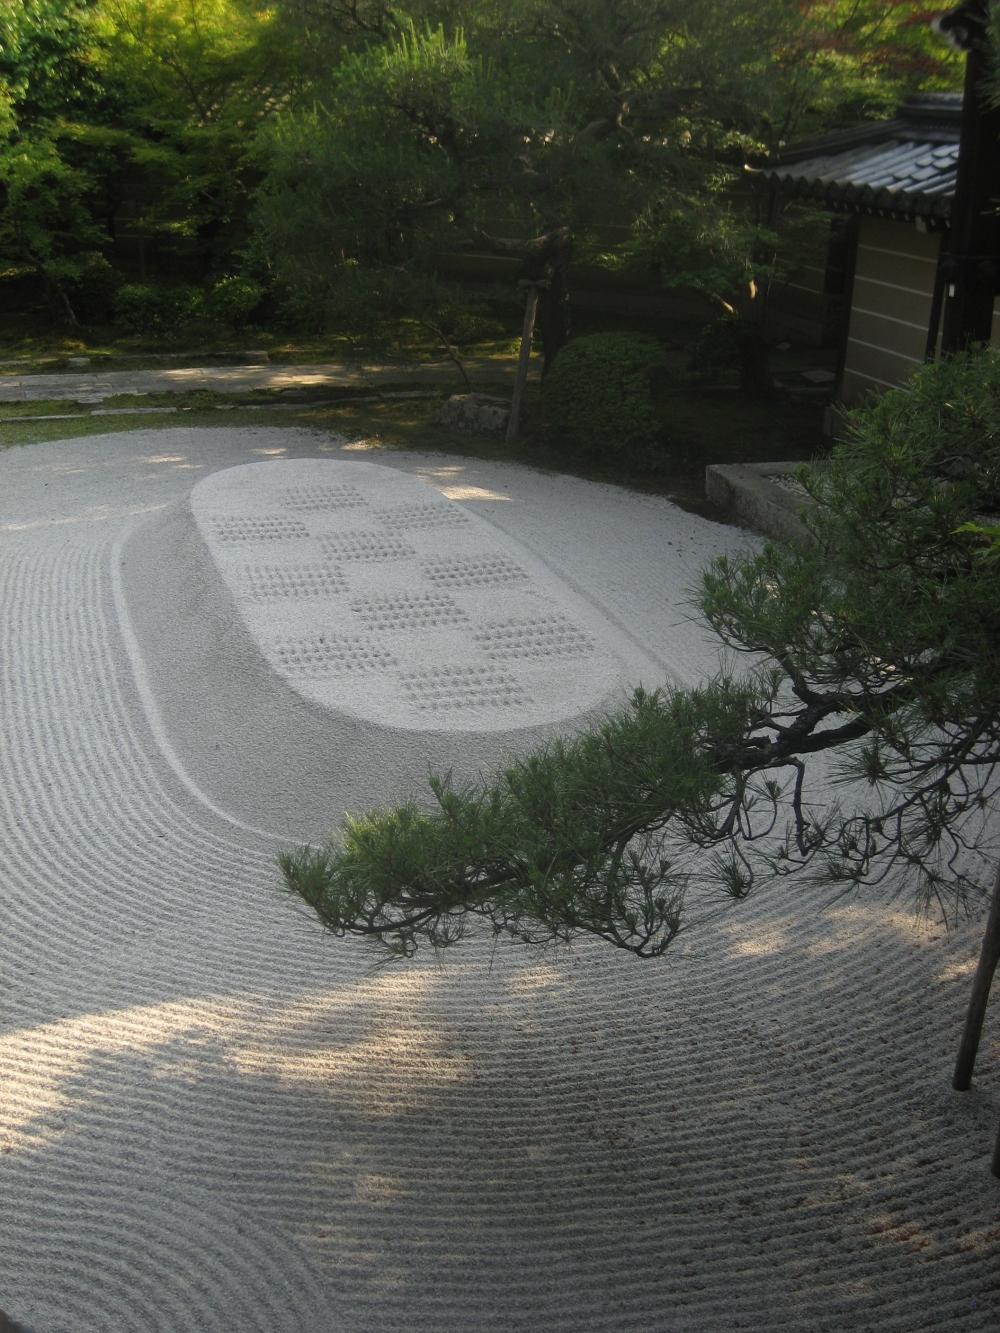 Kyoto Daitokuji Zen garden